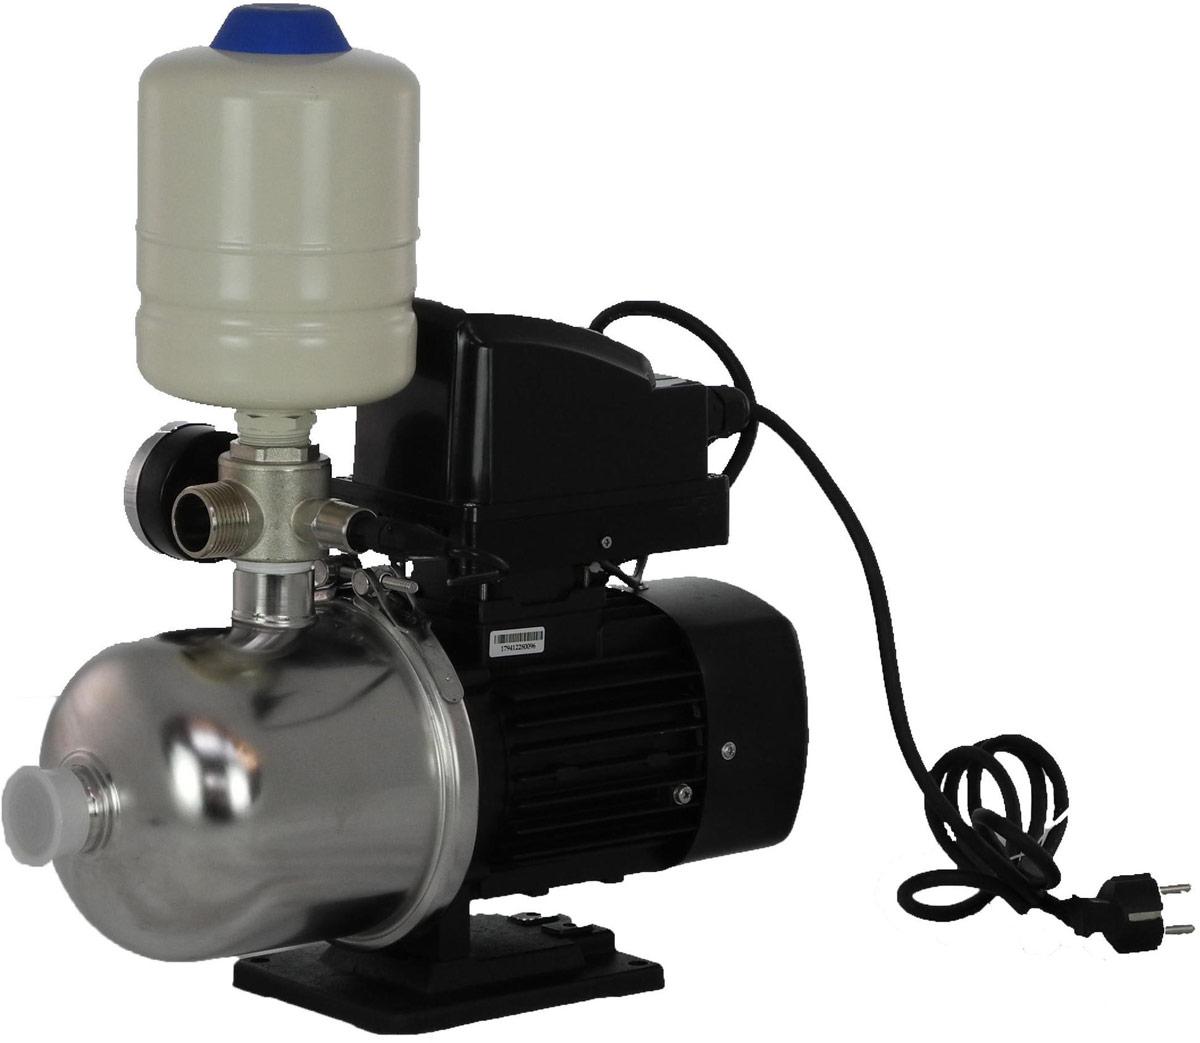 Бытовая насосная станция WWQ серии NS*E предназначена для подачи чистой пресной воды из колодцев, скважин, открытых водоемов. Данное оборудование применяется для автономного водоснабжения жилых домов, коттеджей дач и других объектов. Благодаря тому, что данная насосная станция оснащена электронным частотным преобразователем, станция обеспечивает постоянное давление в системе водоснабжения независимо от количества точек водозабор. Также за счет плавного пуска прибора осуществляется значительное энергосбережение (до 50%) и значительное повышение рабочего ресурса электродвигателя. Она требует напряжения в сети 220В/50Гц и имеет встроенную термозащиту.